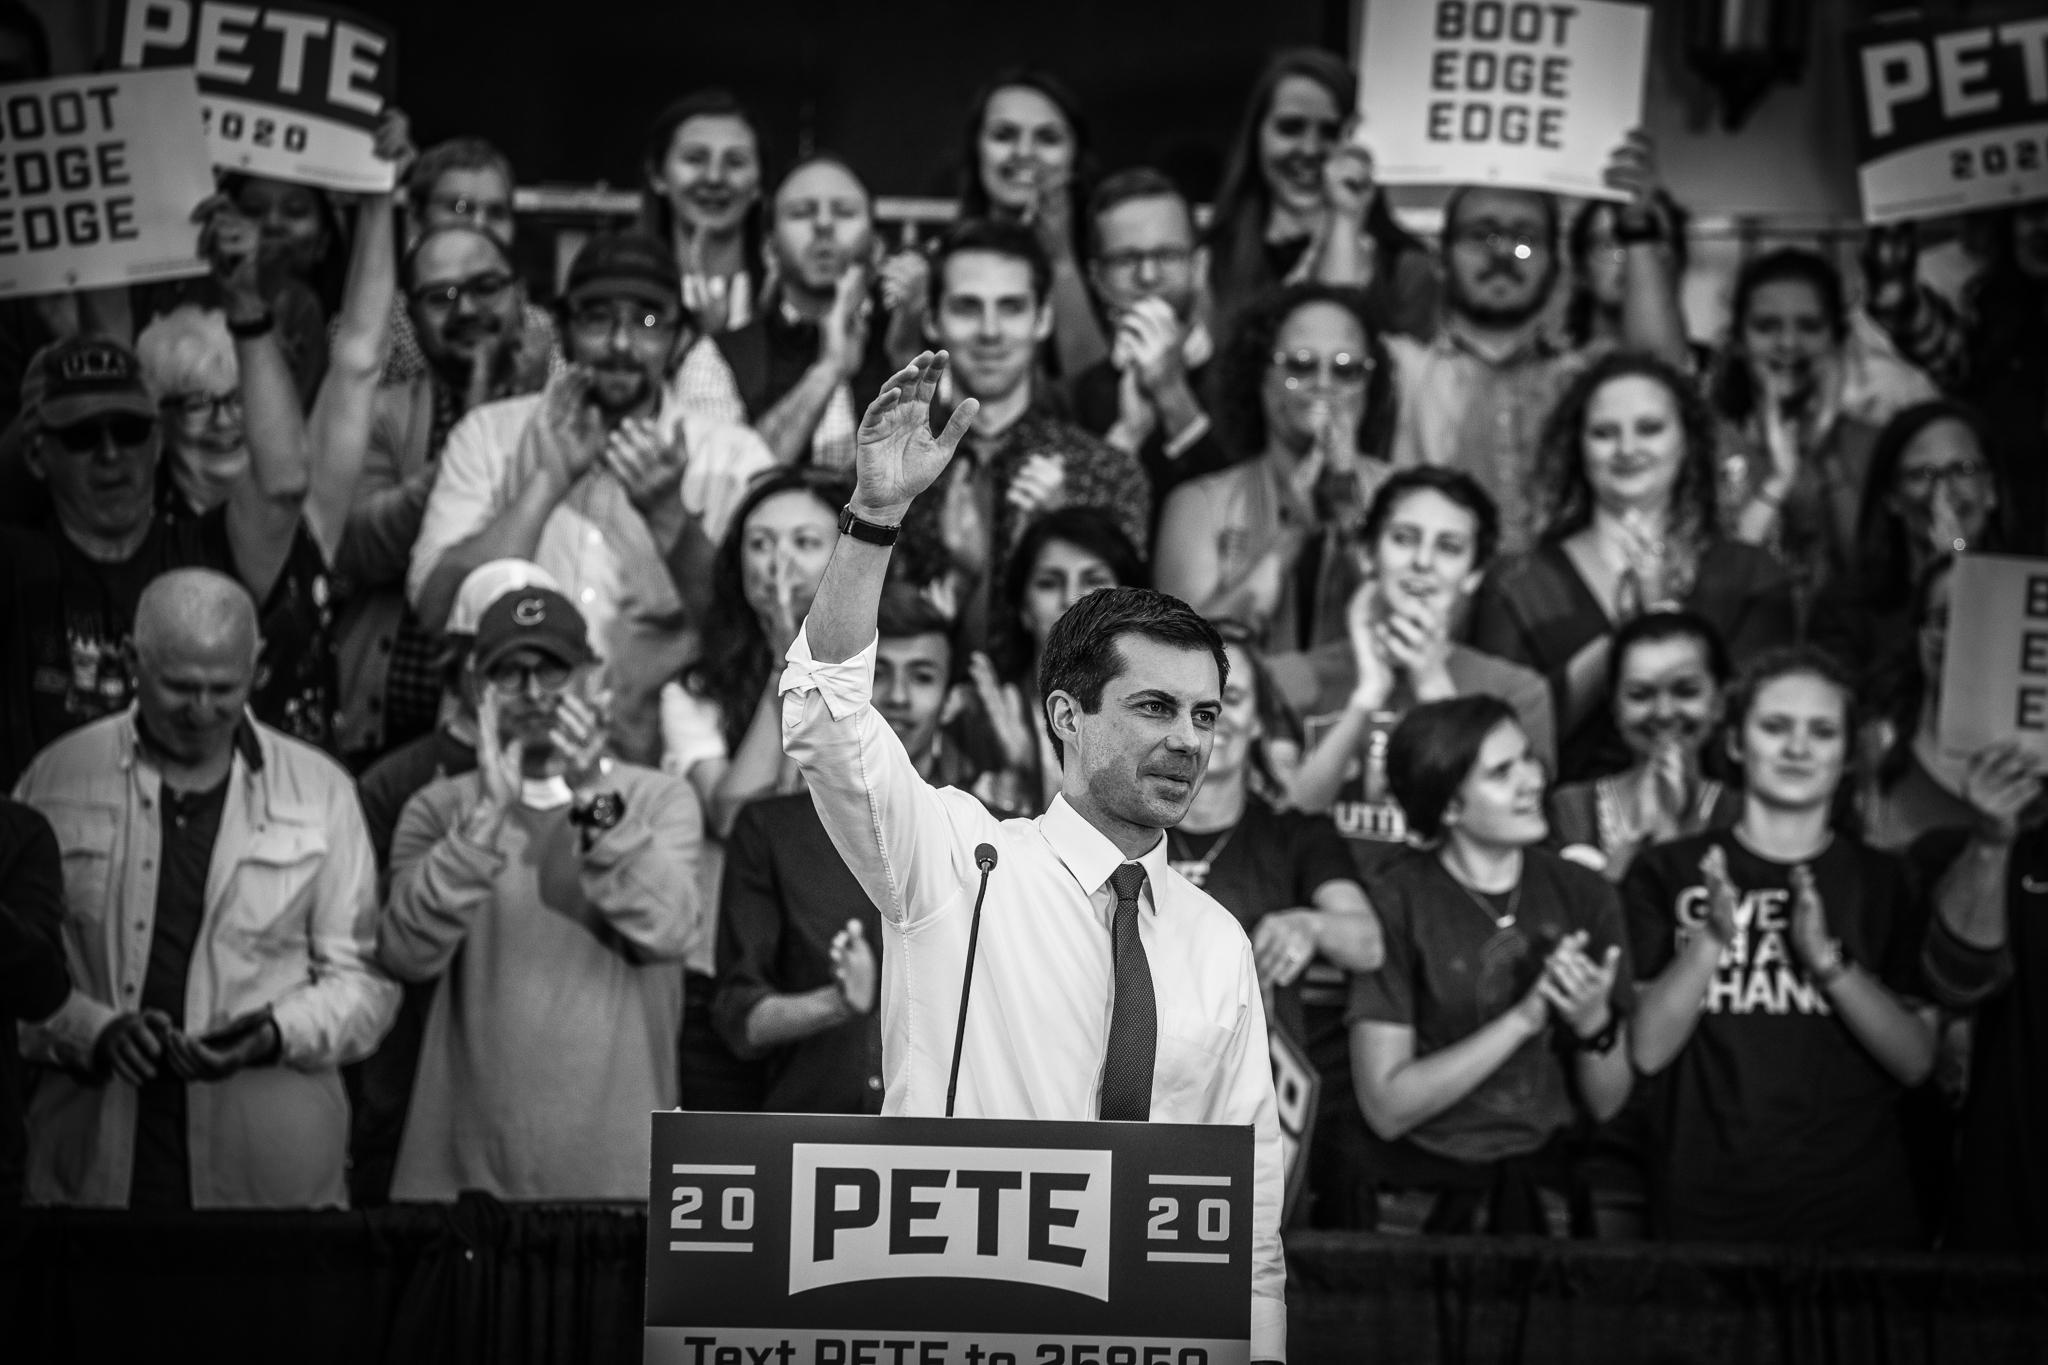 Pete-053.jpg